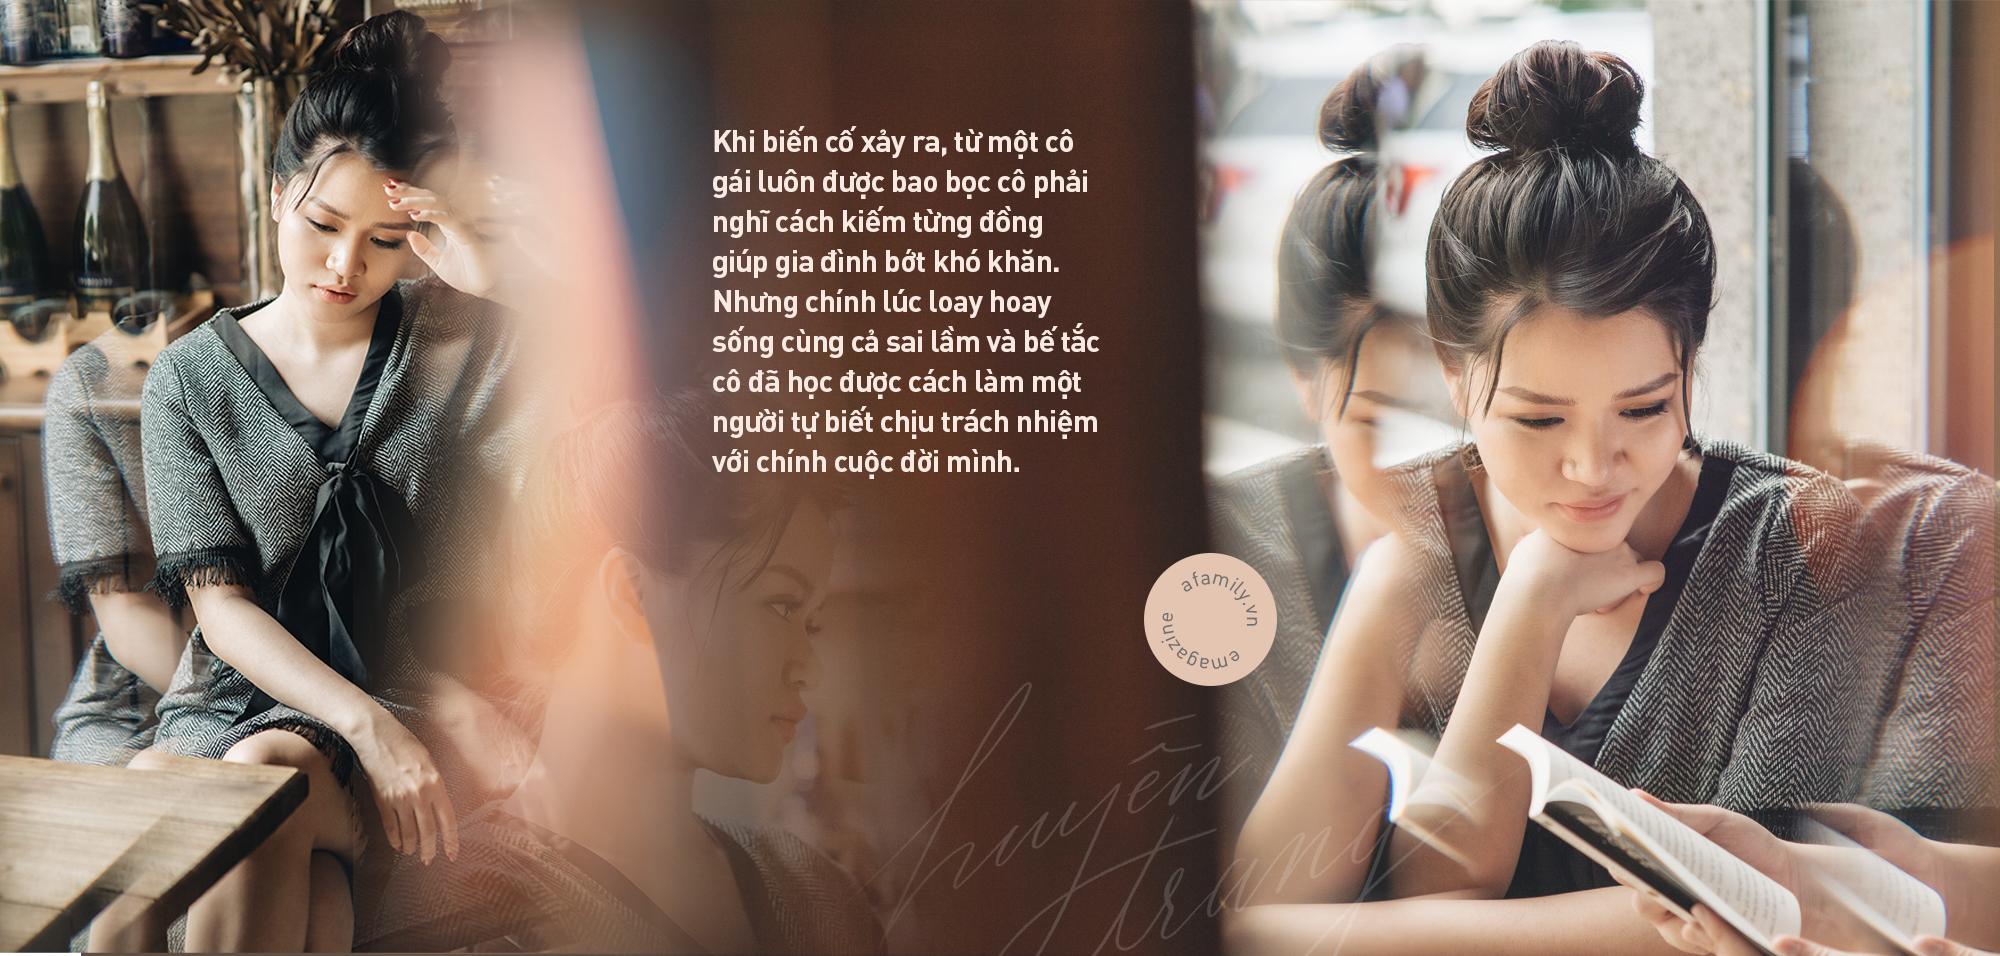 """Huyền Trang Bất Hối: Hành trình từ cô gái trẻ ngông cuồng đến nữ tác giả """"vạn người mê""""  - Ảnh 8."""